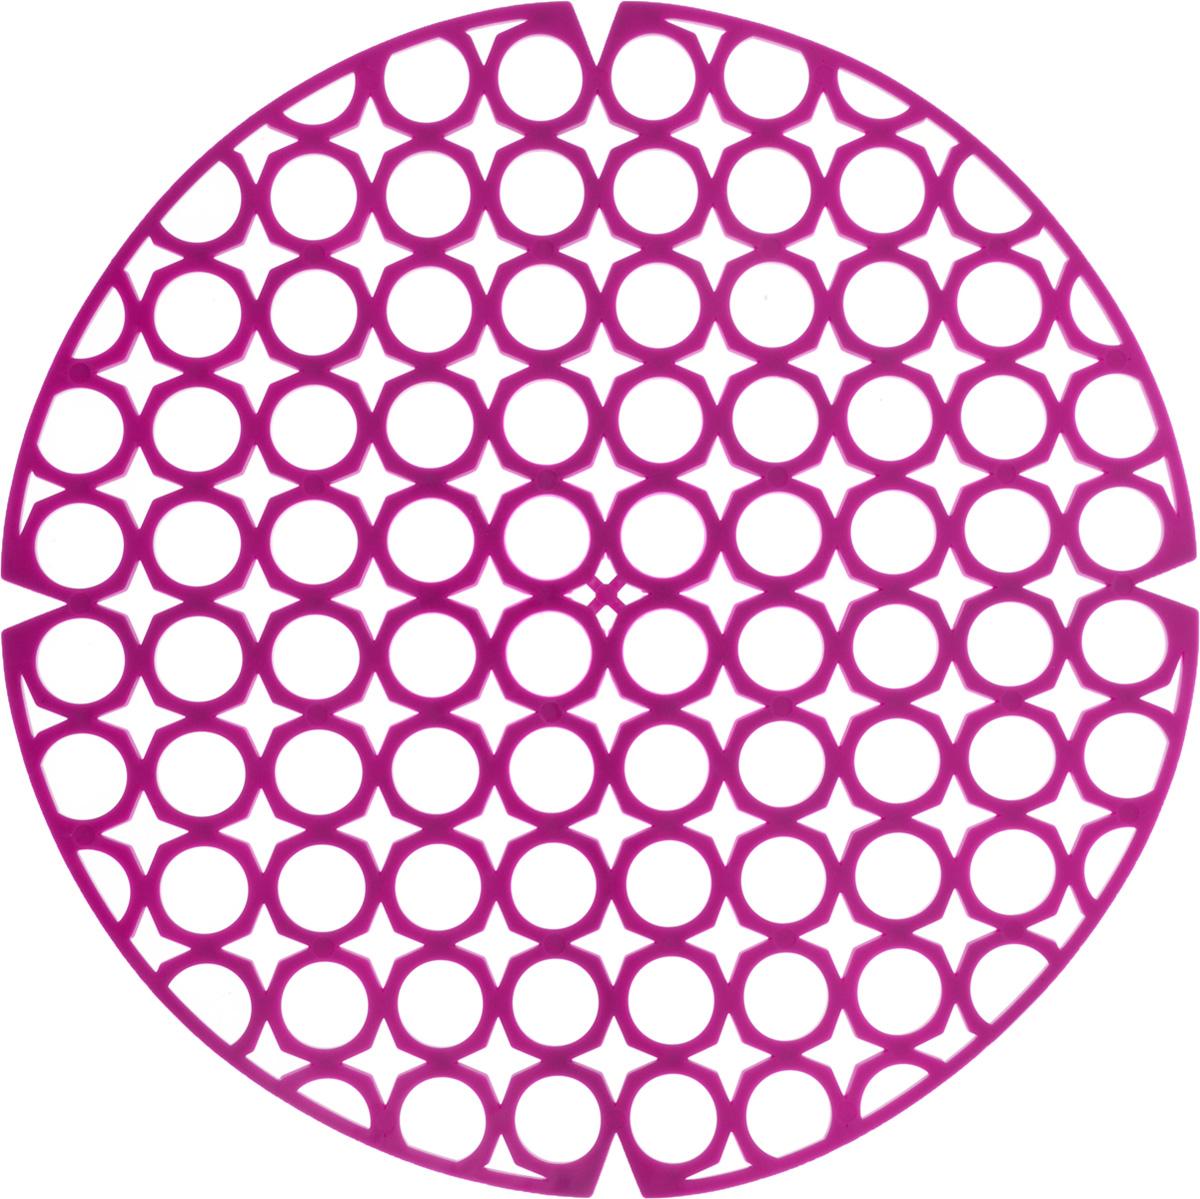 Коврик для раковины York, цвет: фиолетовый, диаметр 27,5 см531-105Стильный и удобный коврик для раковины York изготовлен из сложных полимеров. Он одновременно выполняет несколько функций: украшает, защищает мойку от царапин и сколов, смягчает удары при падении посуды в мойку. Коврик также можно использовать для сушки посуды, фруктов и овощей. Он легко очищается отгрязи и жира.Диаметр: 27,5 см.